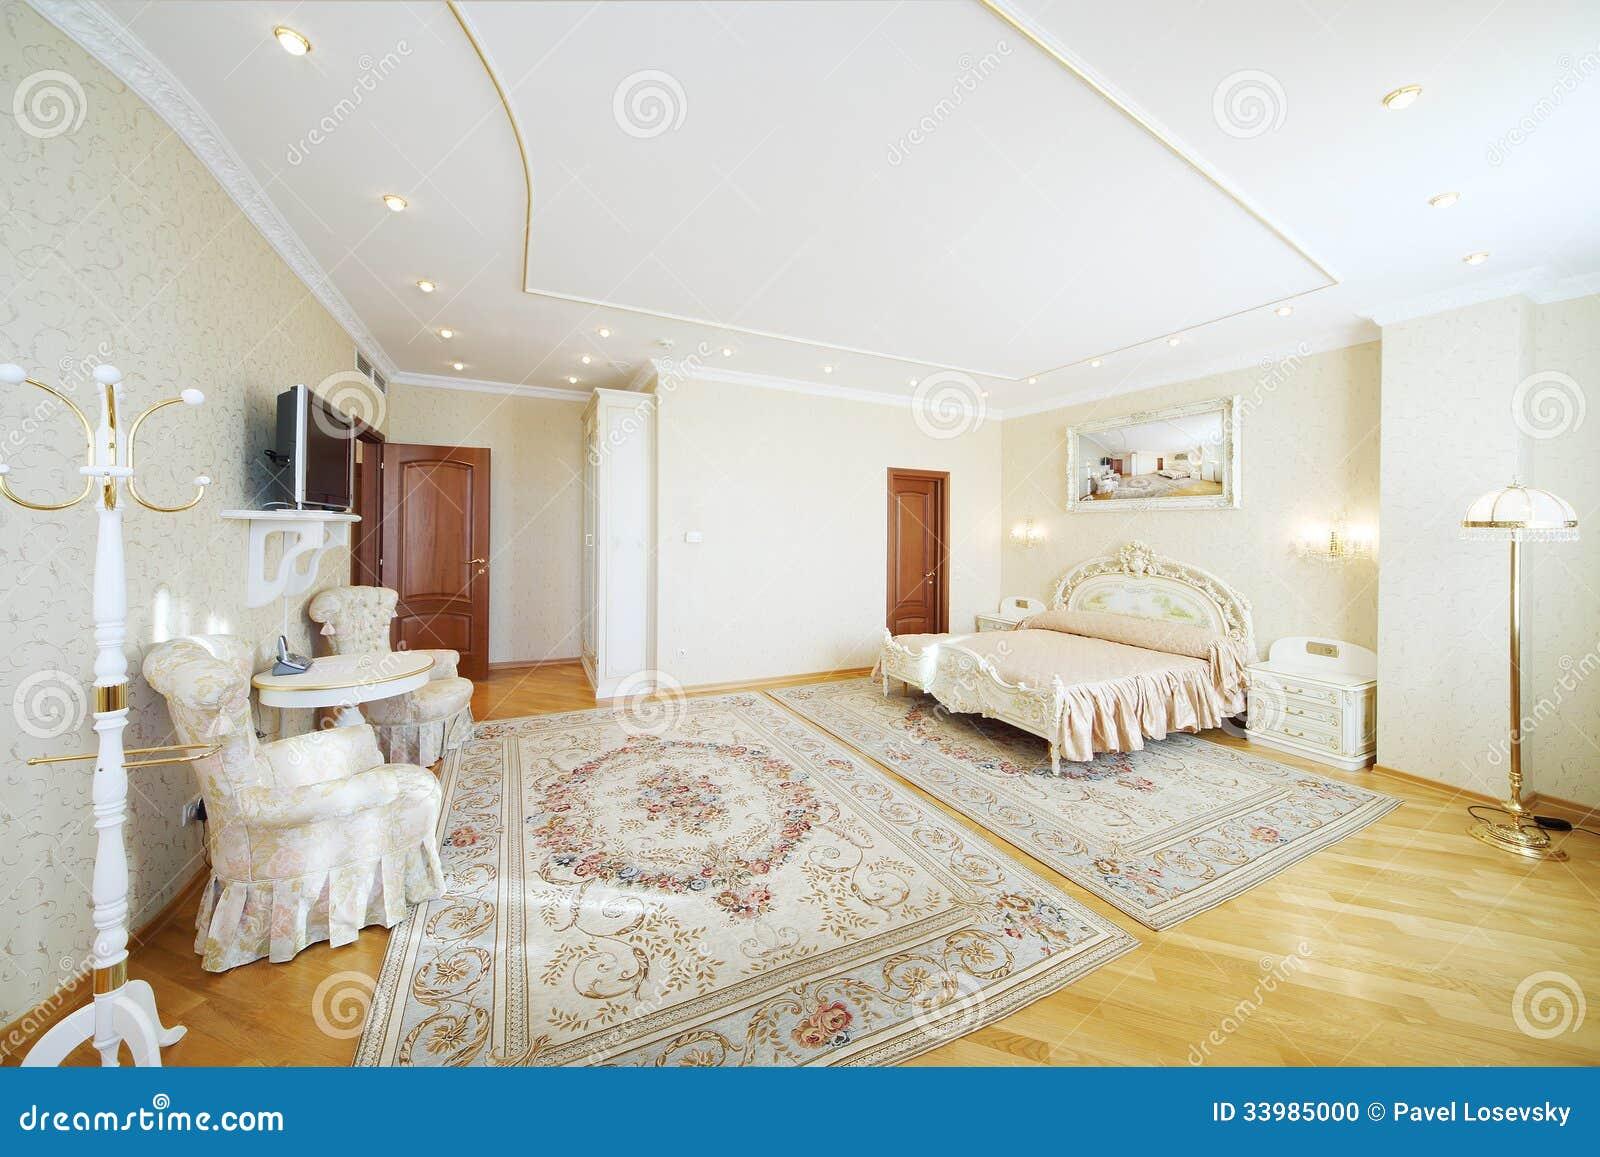 Camere Da Letto Matrimoniali Da Sogno : Camera da letto lussuosa con bello letto matrimoniale con le